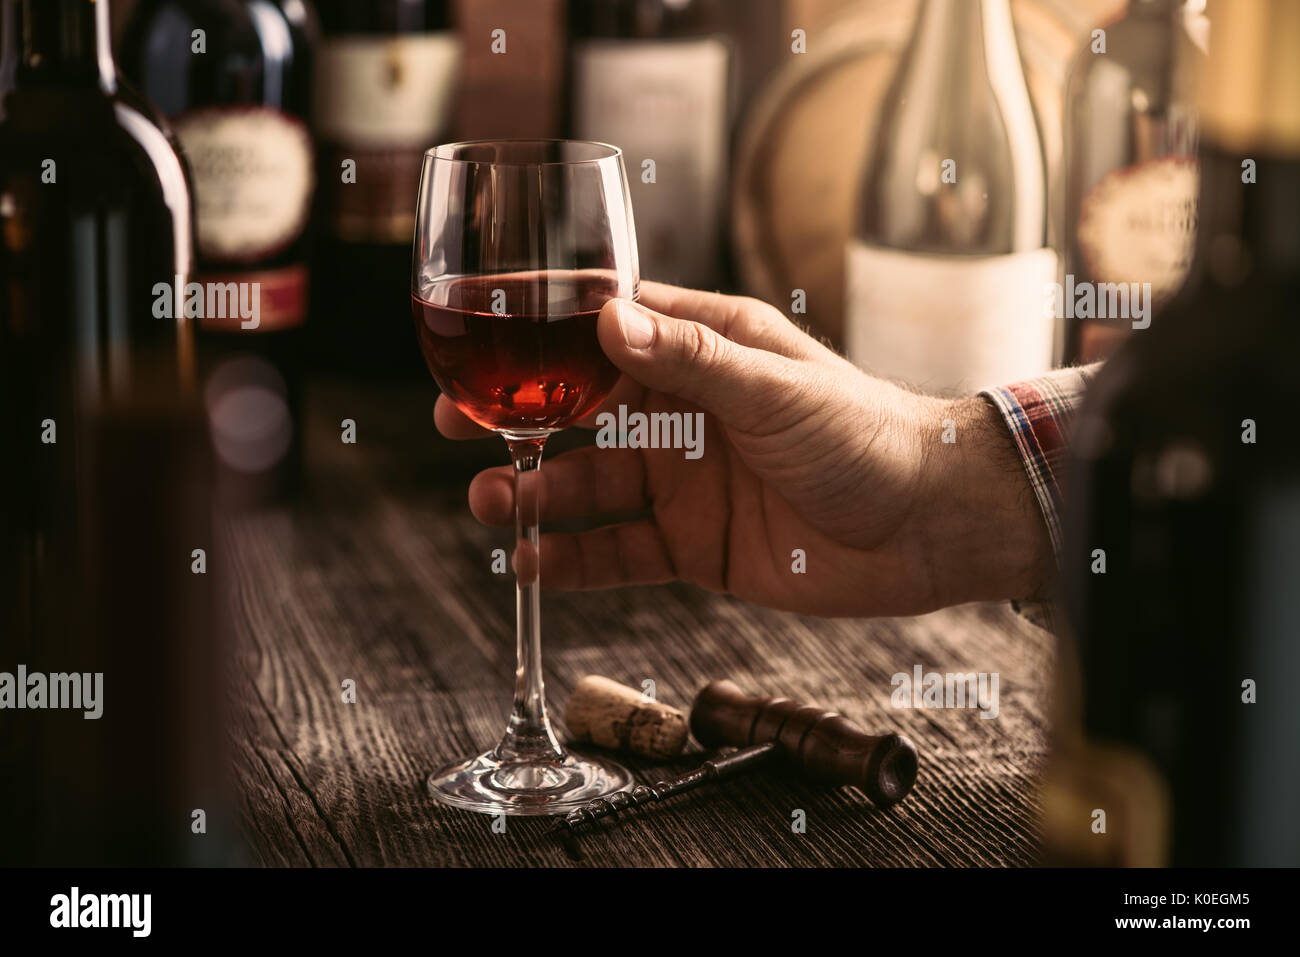 In A Wine Glass Stockfotos & In A Wine Glass Bilder - Seite 63 - Alamy